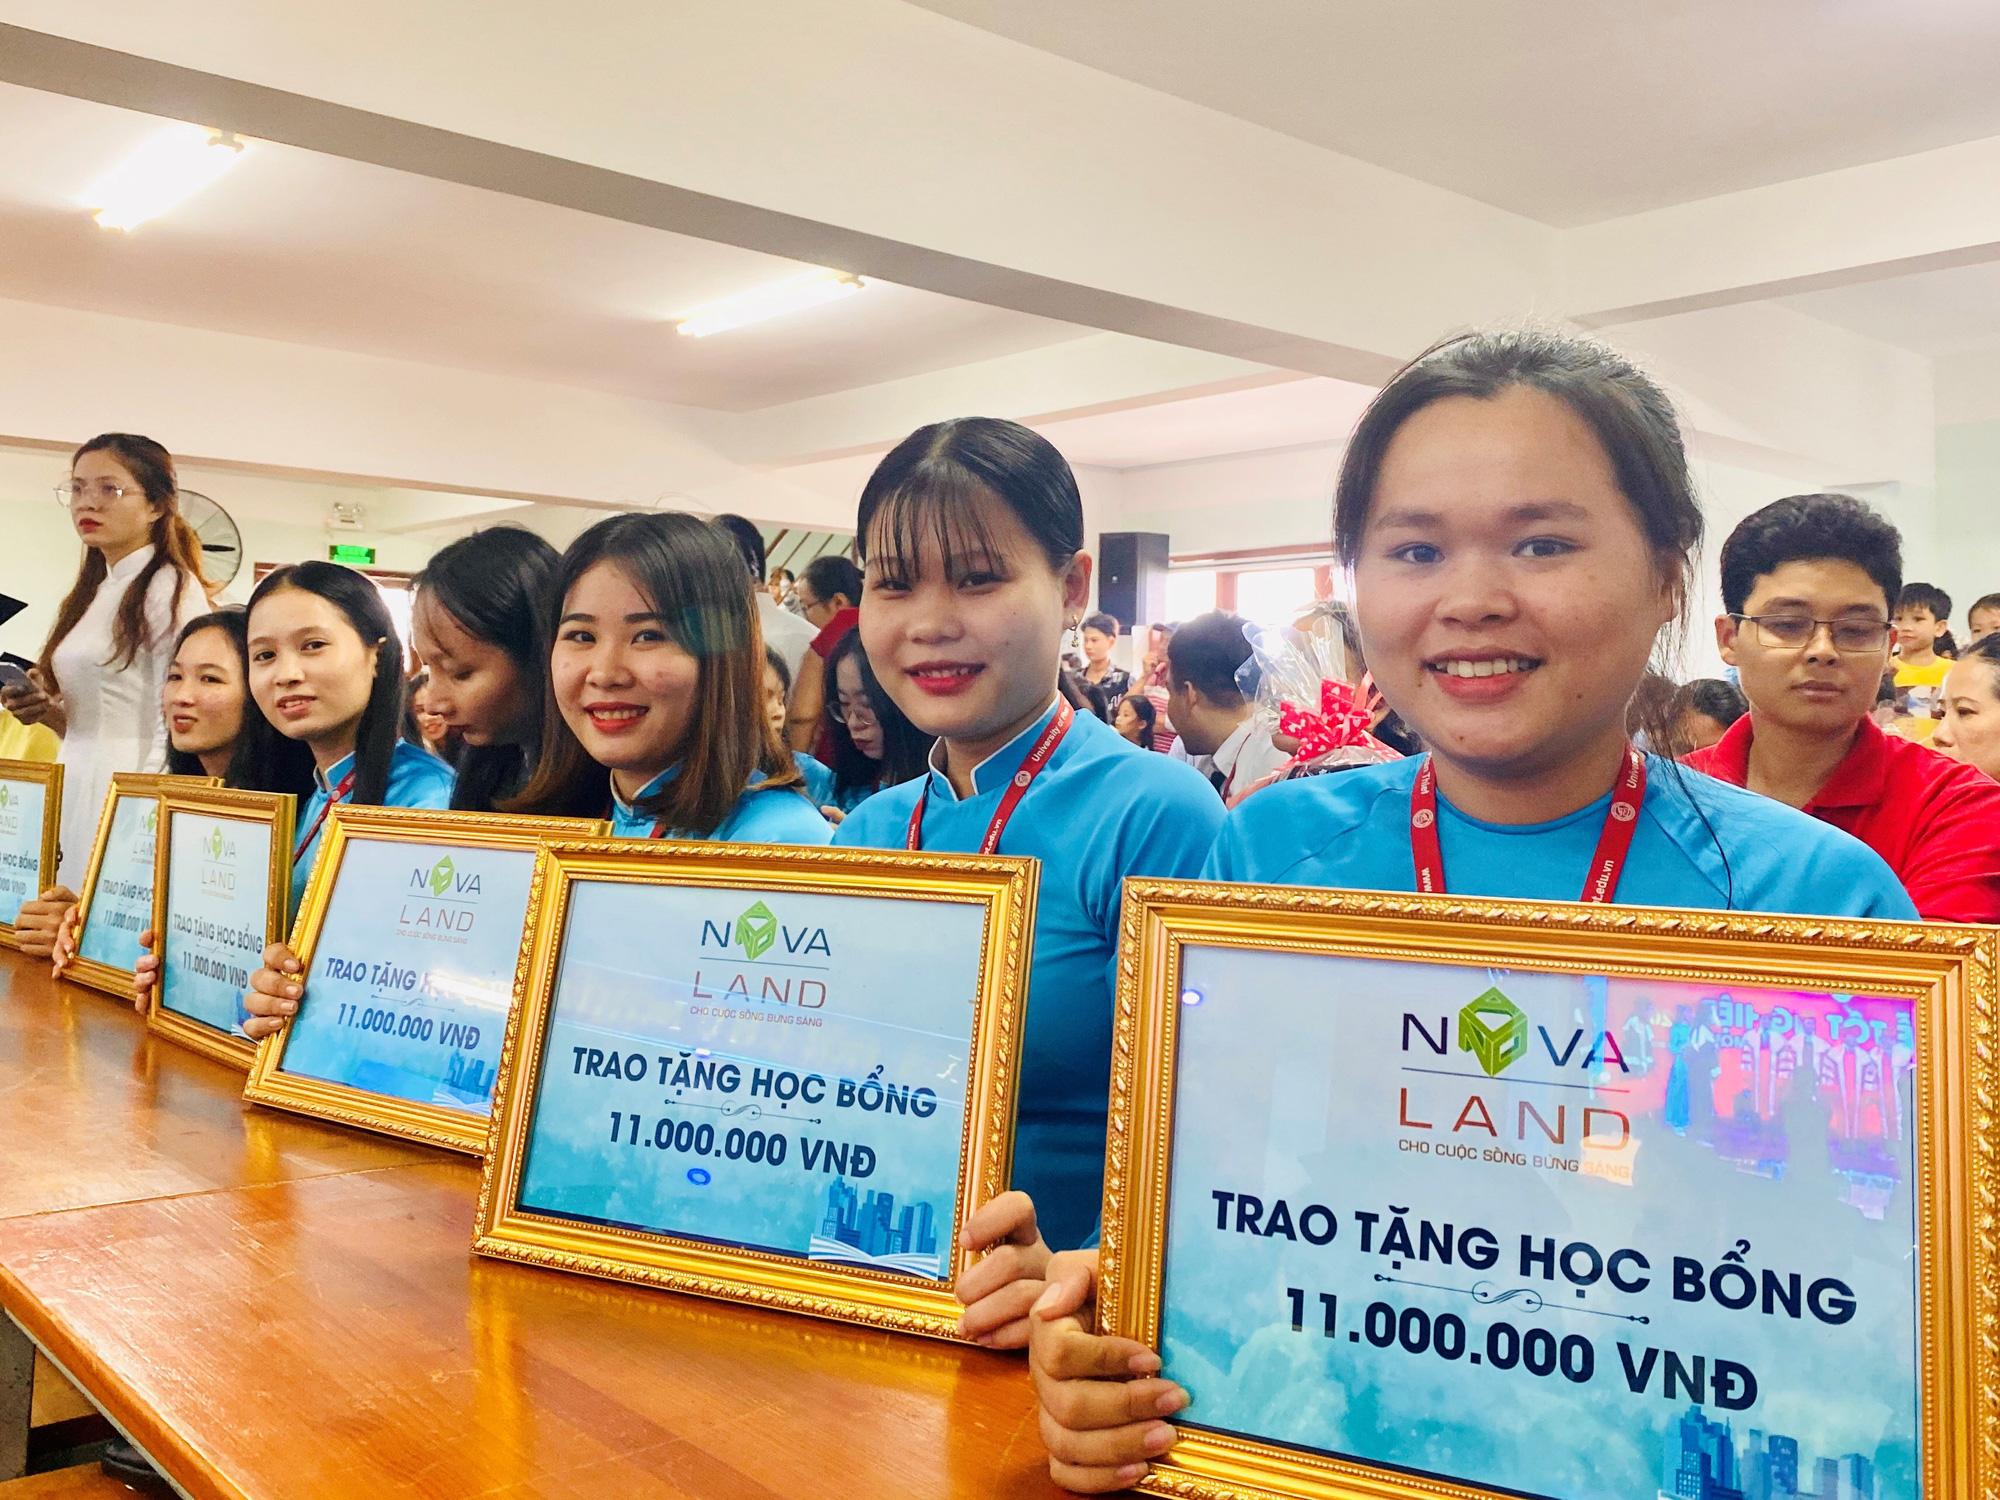 Novaland trao 100 suất học bổng cho sinh viên Trường ĐH Phan Thiết - Ảnh 2.